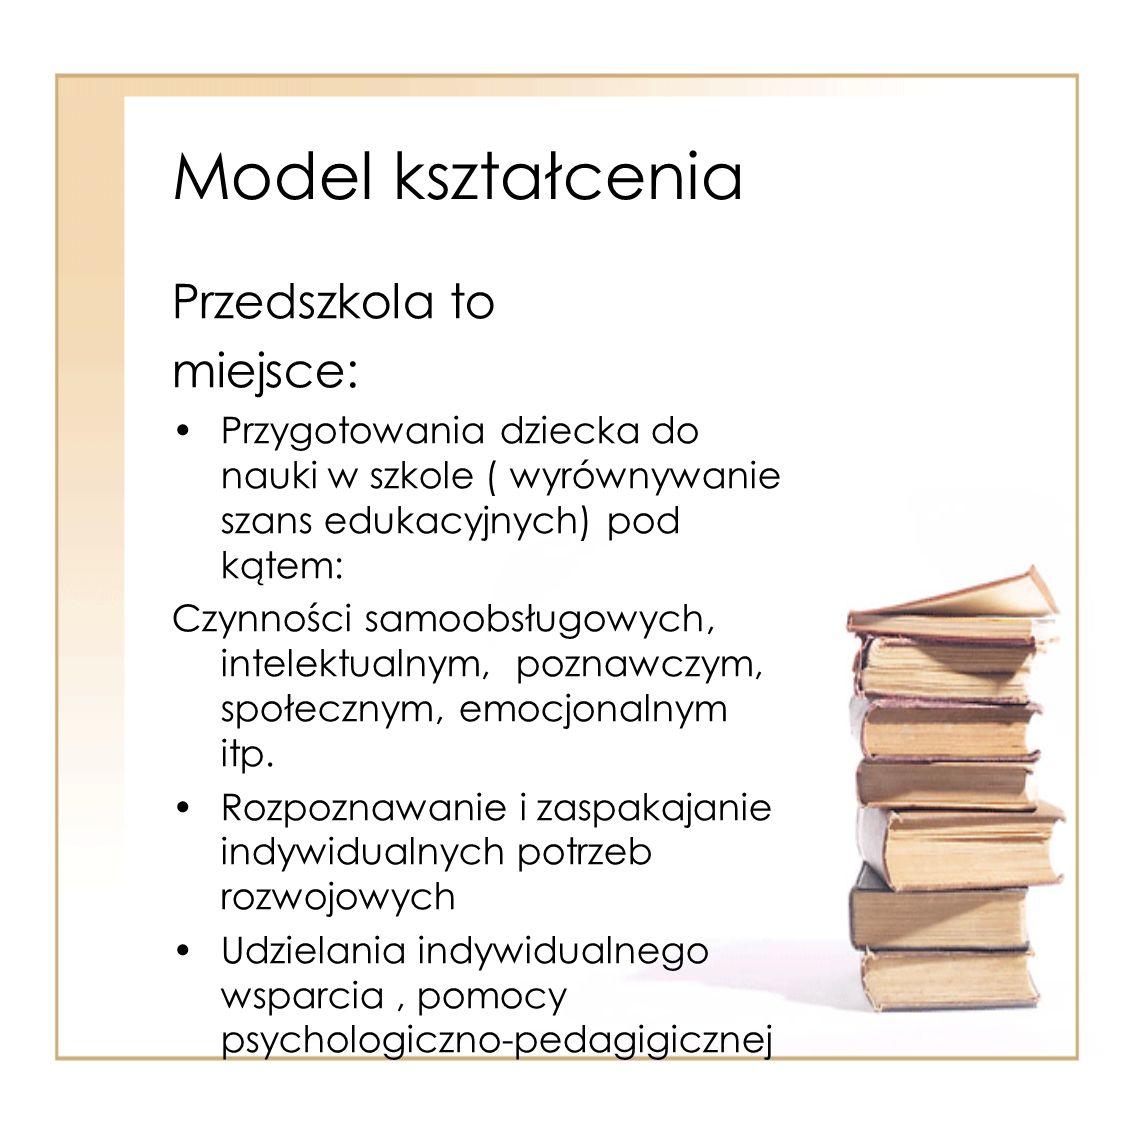 Diagnoza psychologiczna Ma na celu rozpoznanie, za pomocą technik i metod stosowanych w psychologii, odchyleń i zaburzeń rozwojowych w różnych sferach –poznawczych, intelektualnych, emocjonalnych, motywacyjnych, wykonawczych, mechanizmów kontroli ( wg J.